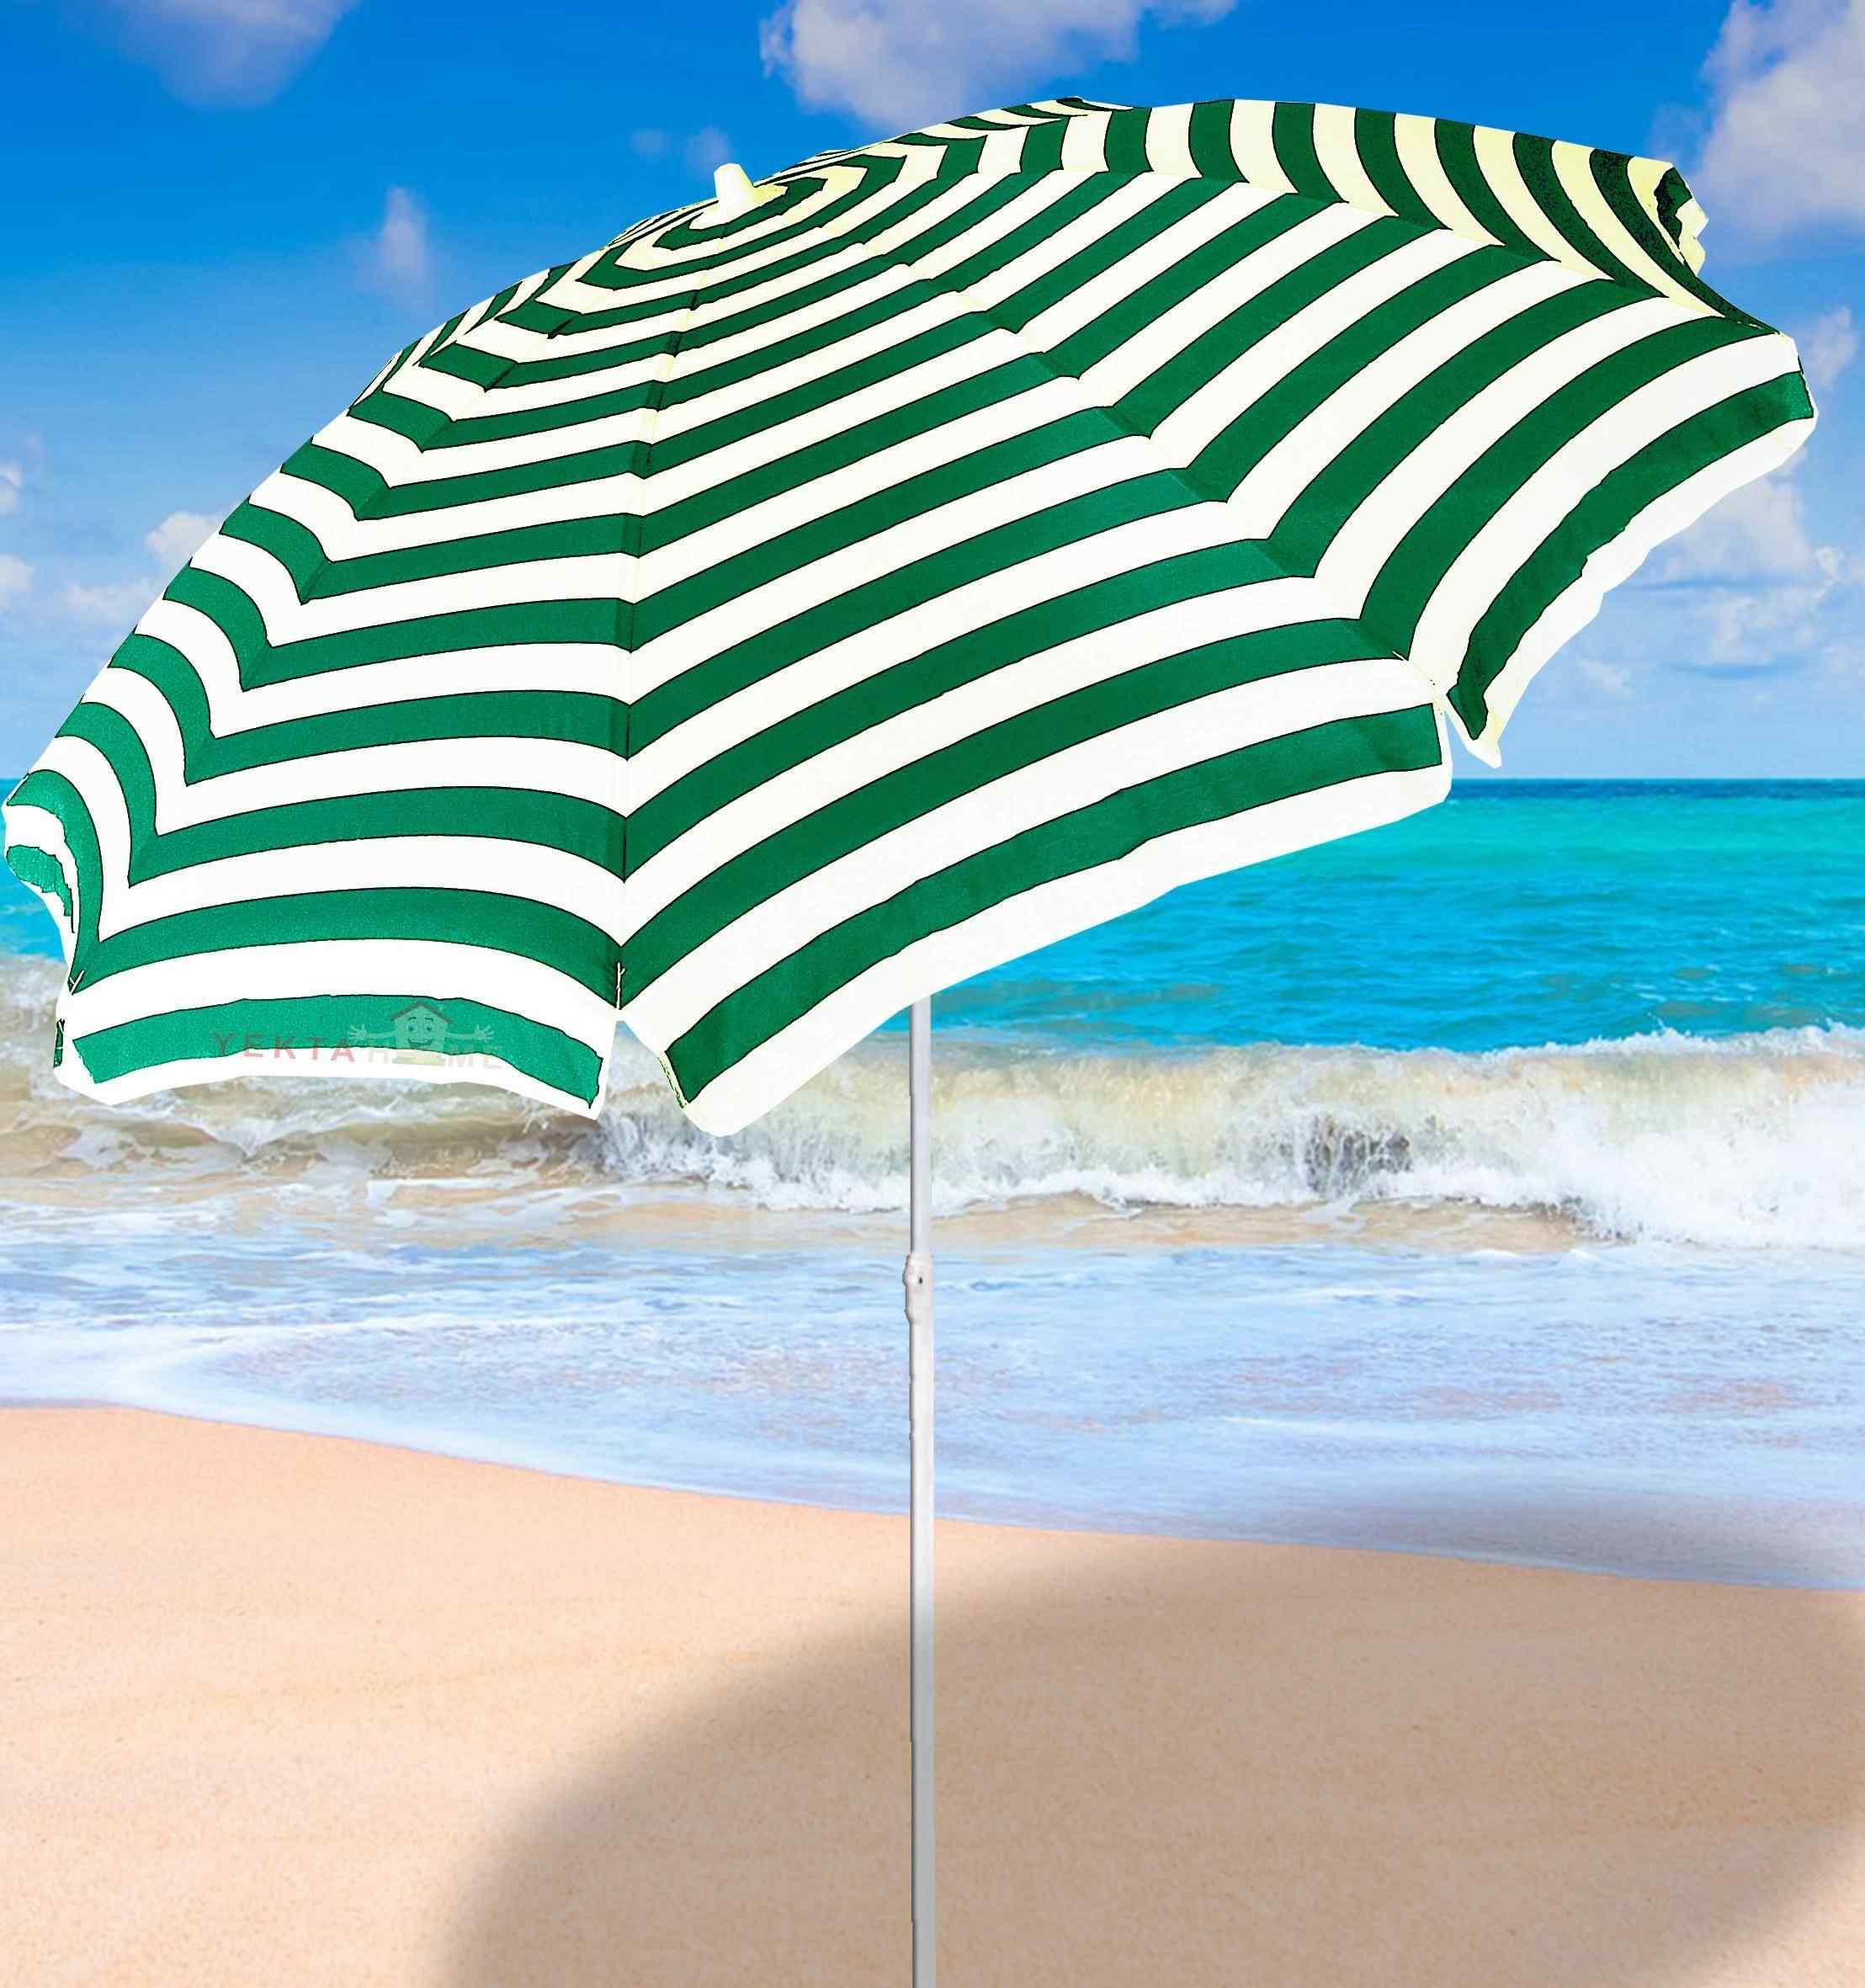 Plaj Şemsiyesi Havuz Şemsiye Bahçe Şemsiyeleri 200 cm Yeşil Beyaz